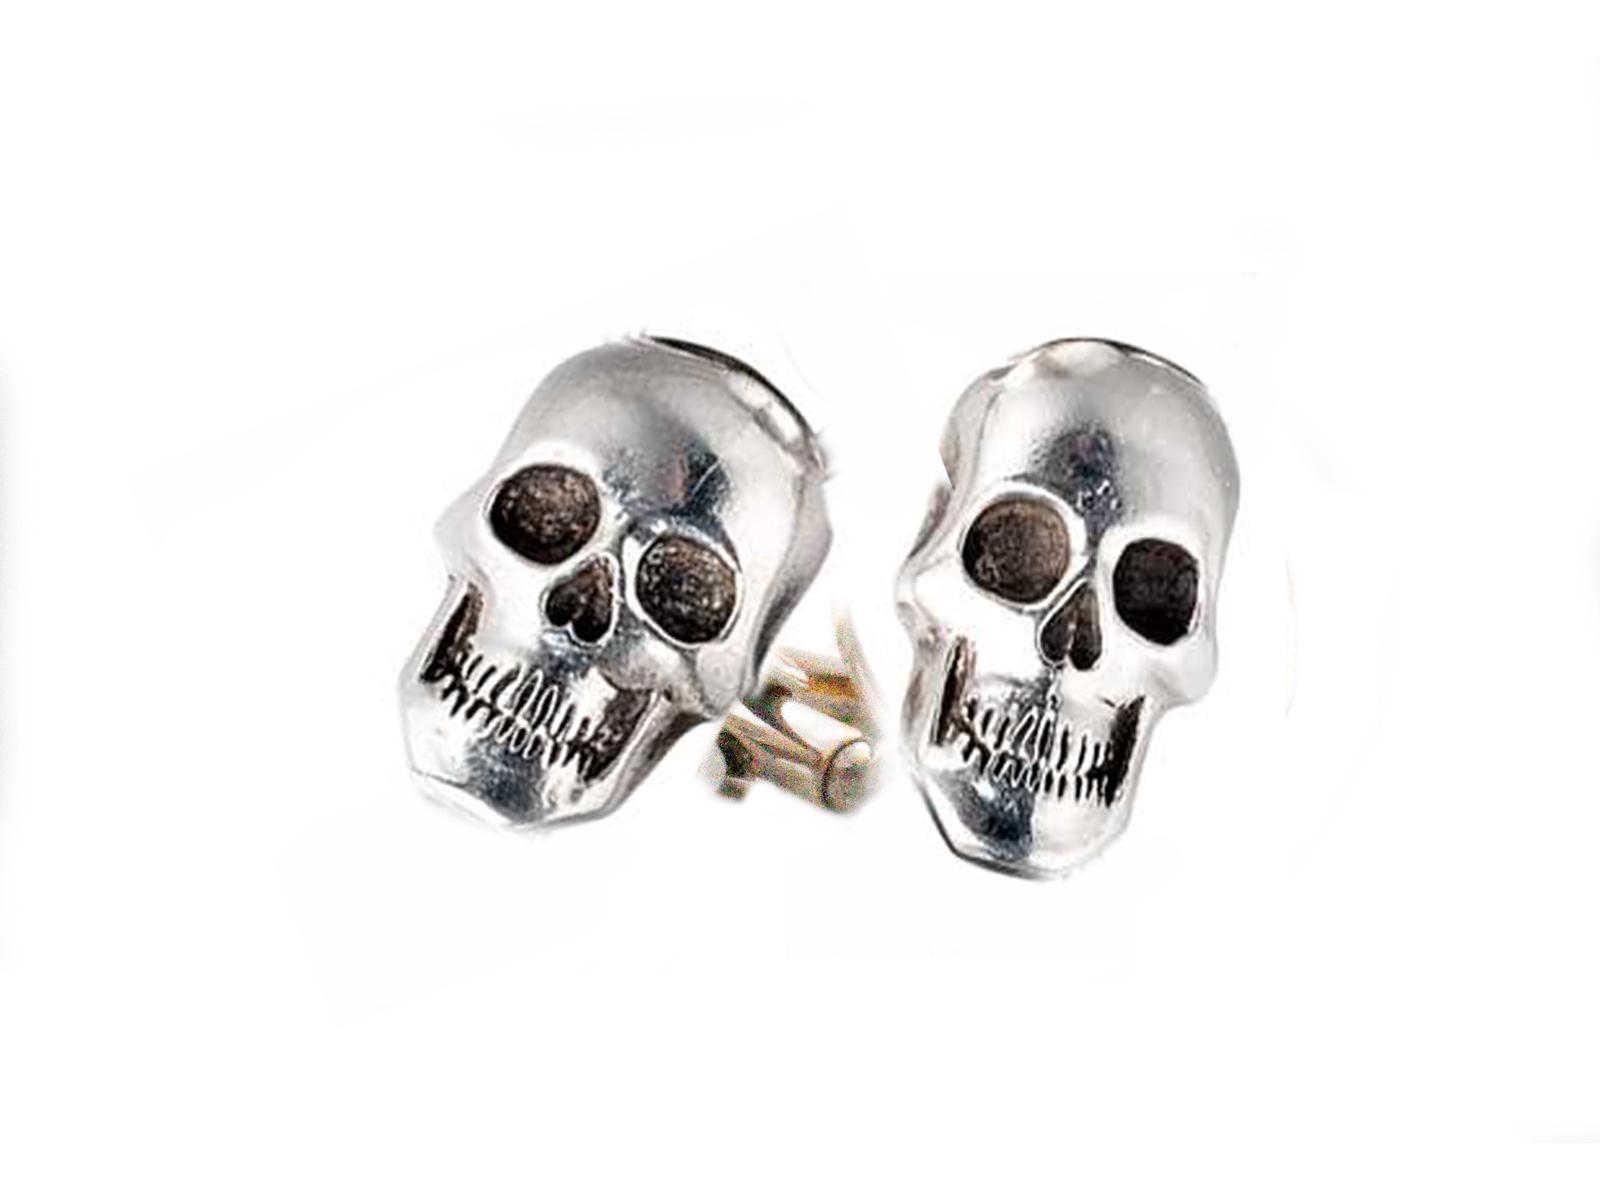 Skull Cuff Links